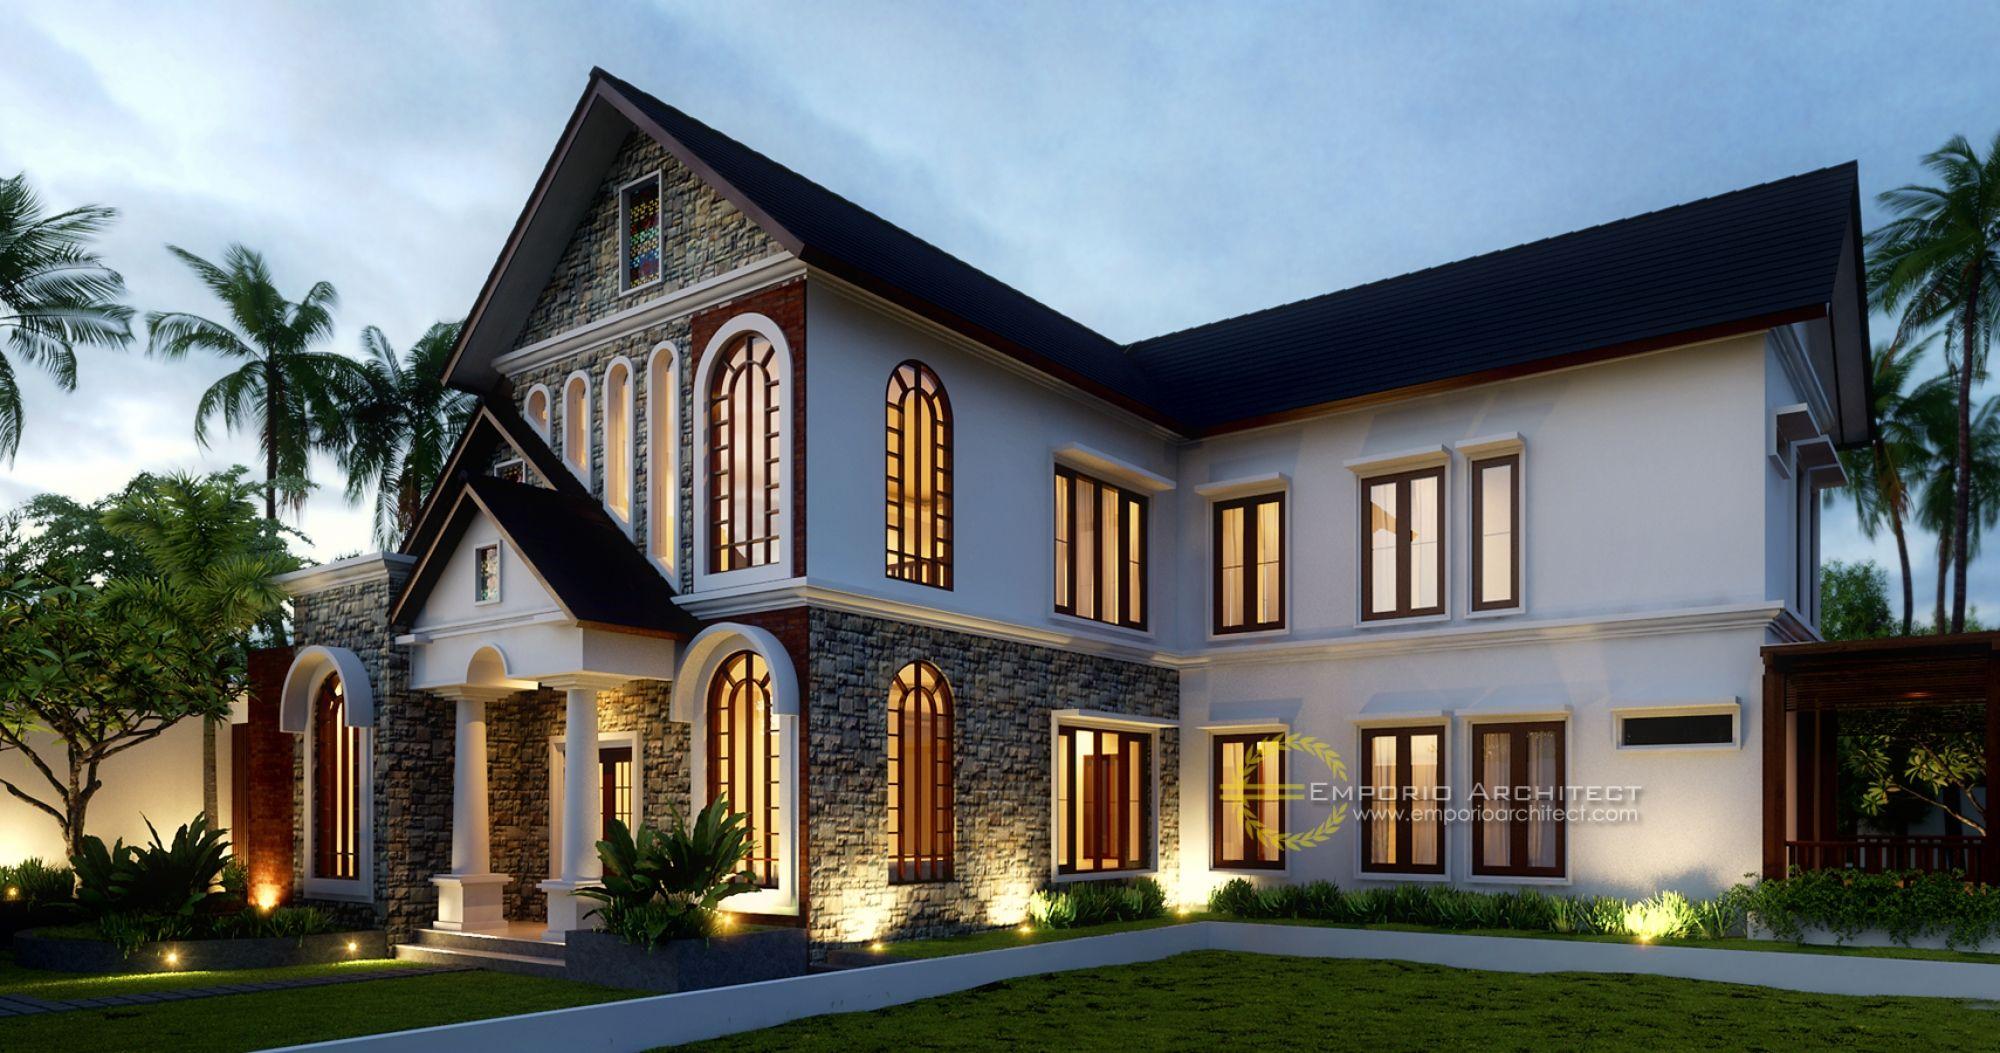 Desain Rumah Klasik Modern Jasa Arsitek Desain Rumah Berkualitas, Desain